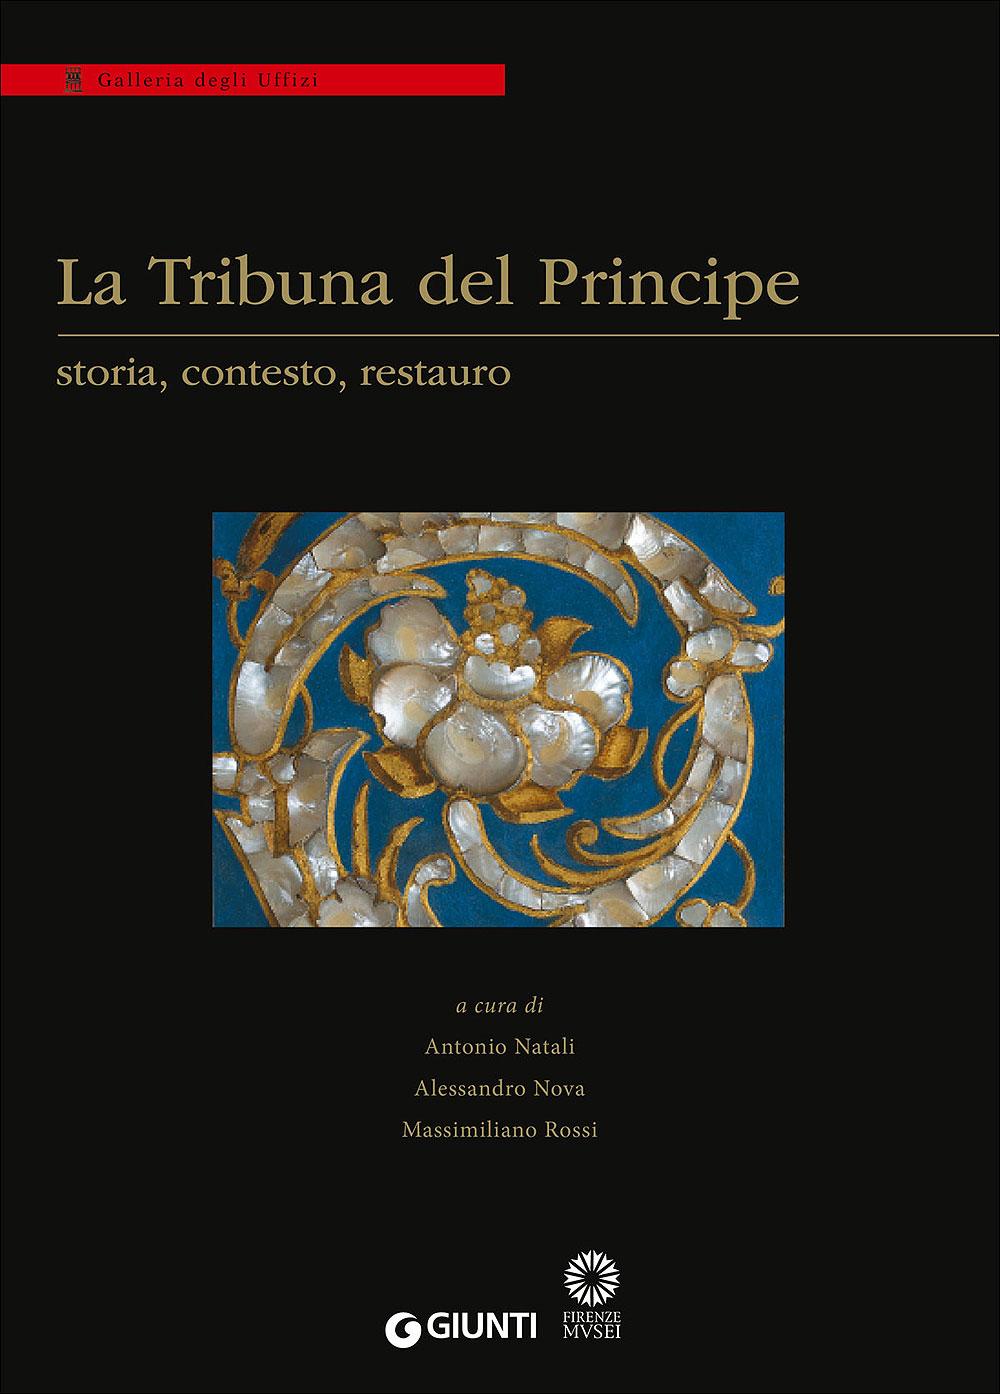 La Tribuna del Principe: storia, contesto, restauro